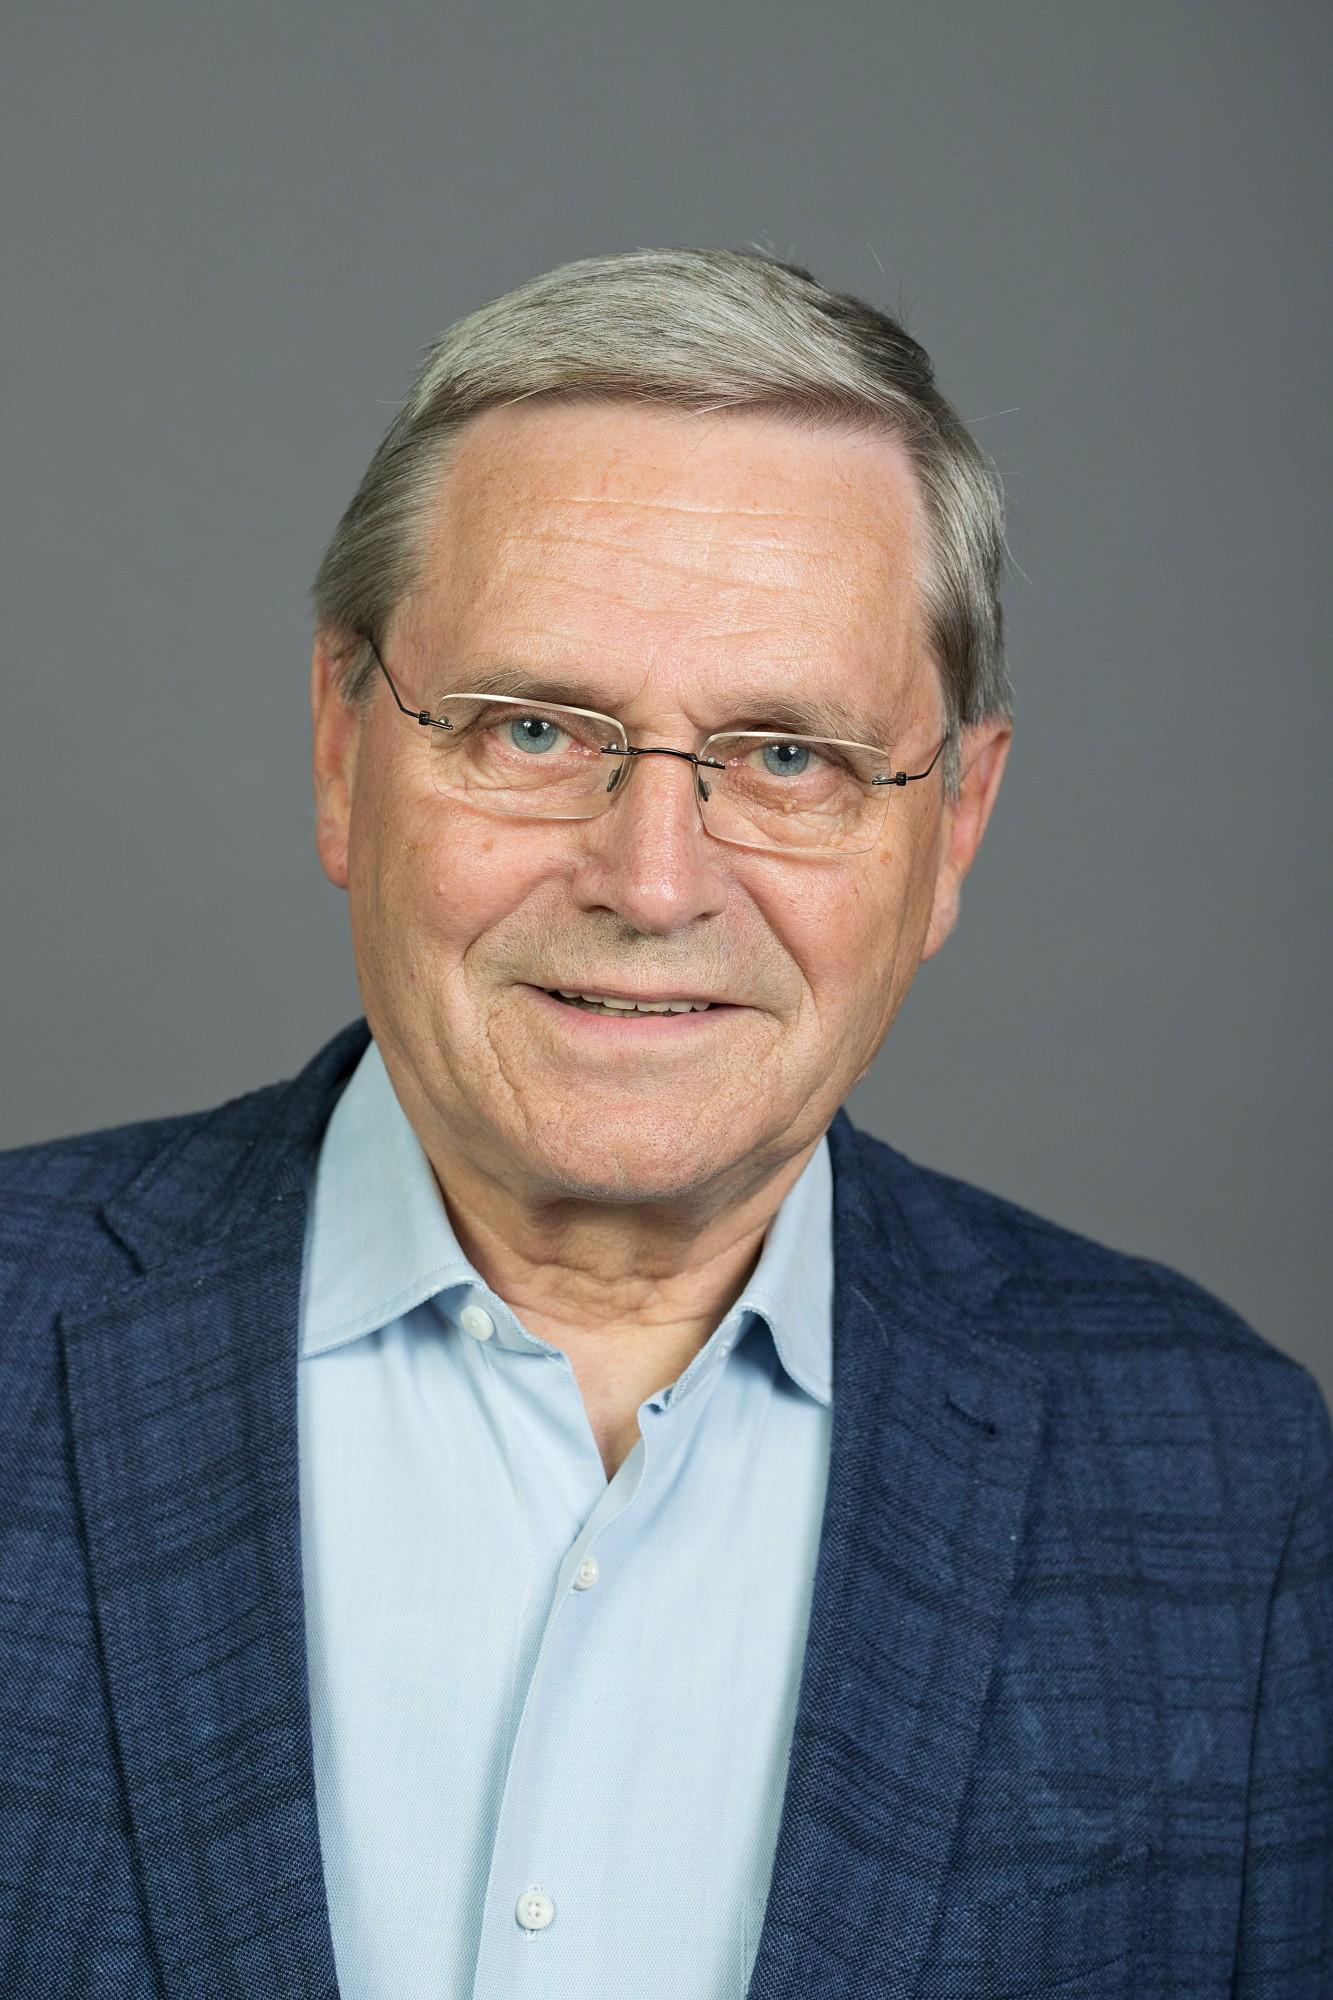 Abbildung von Heinz Herten